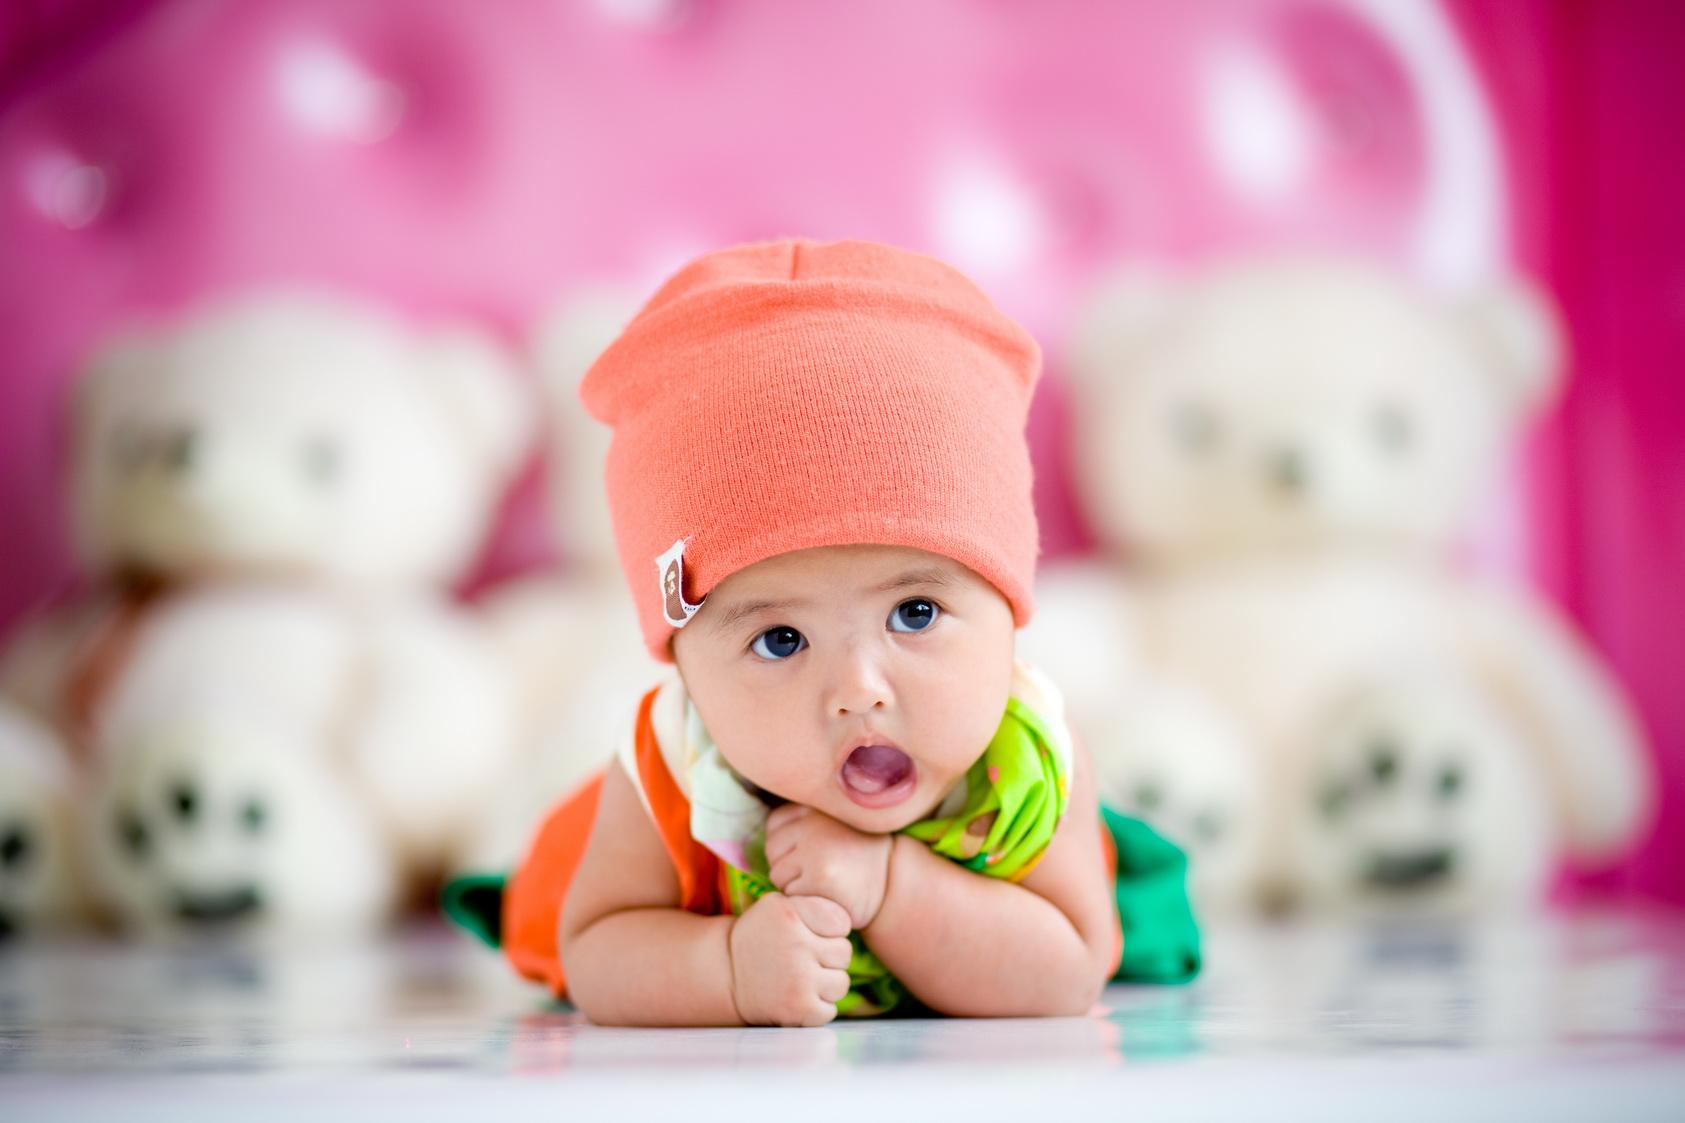 欢迎加入吴江孕妈育儿母婴交流群 131039938 民生妈妈群